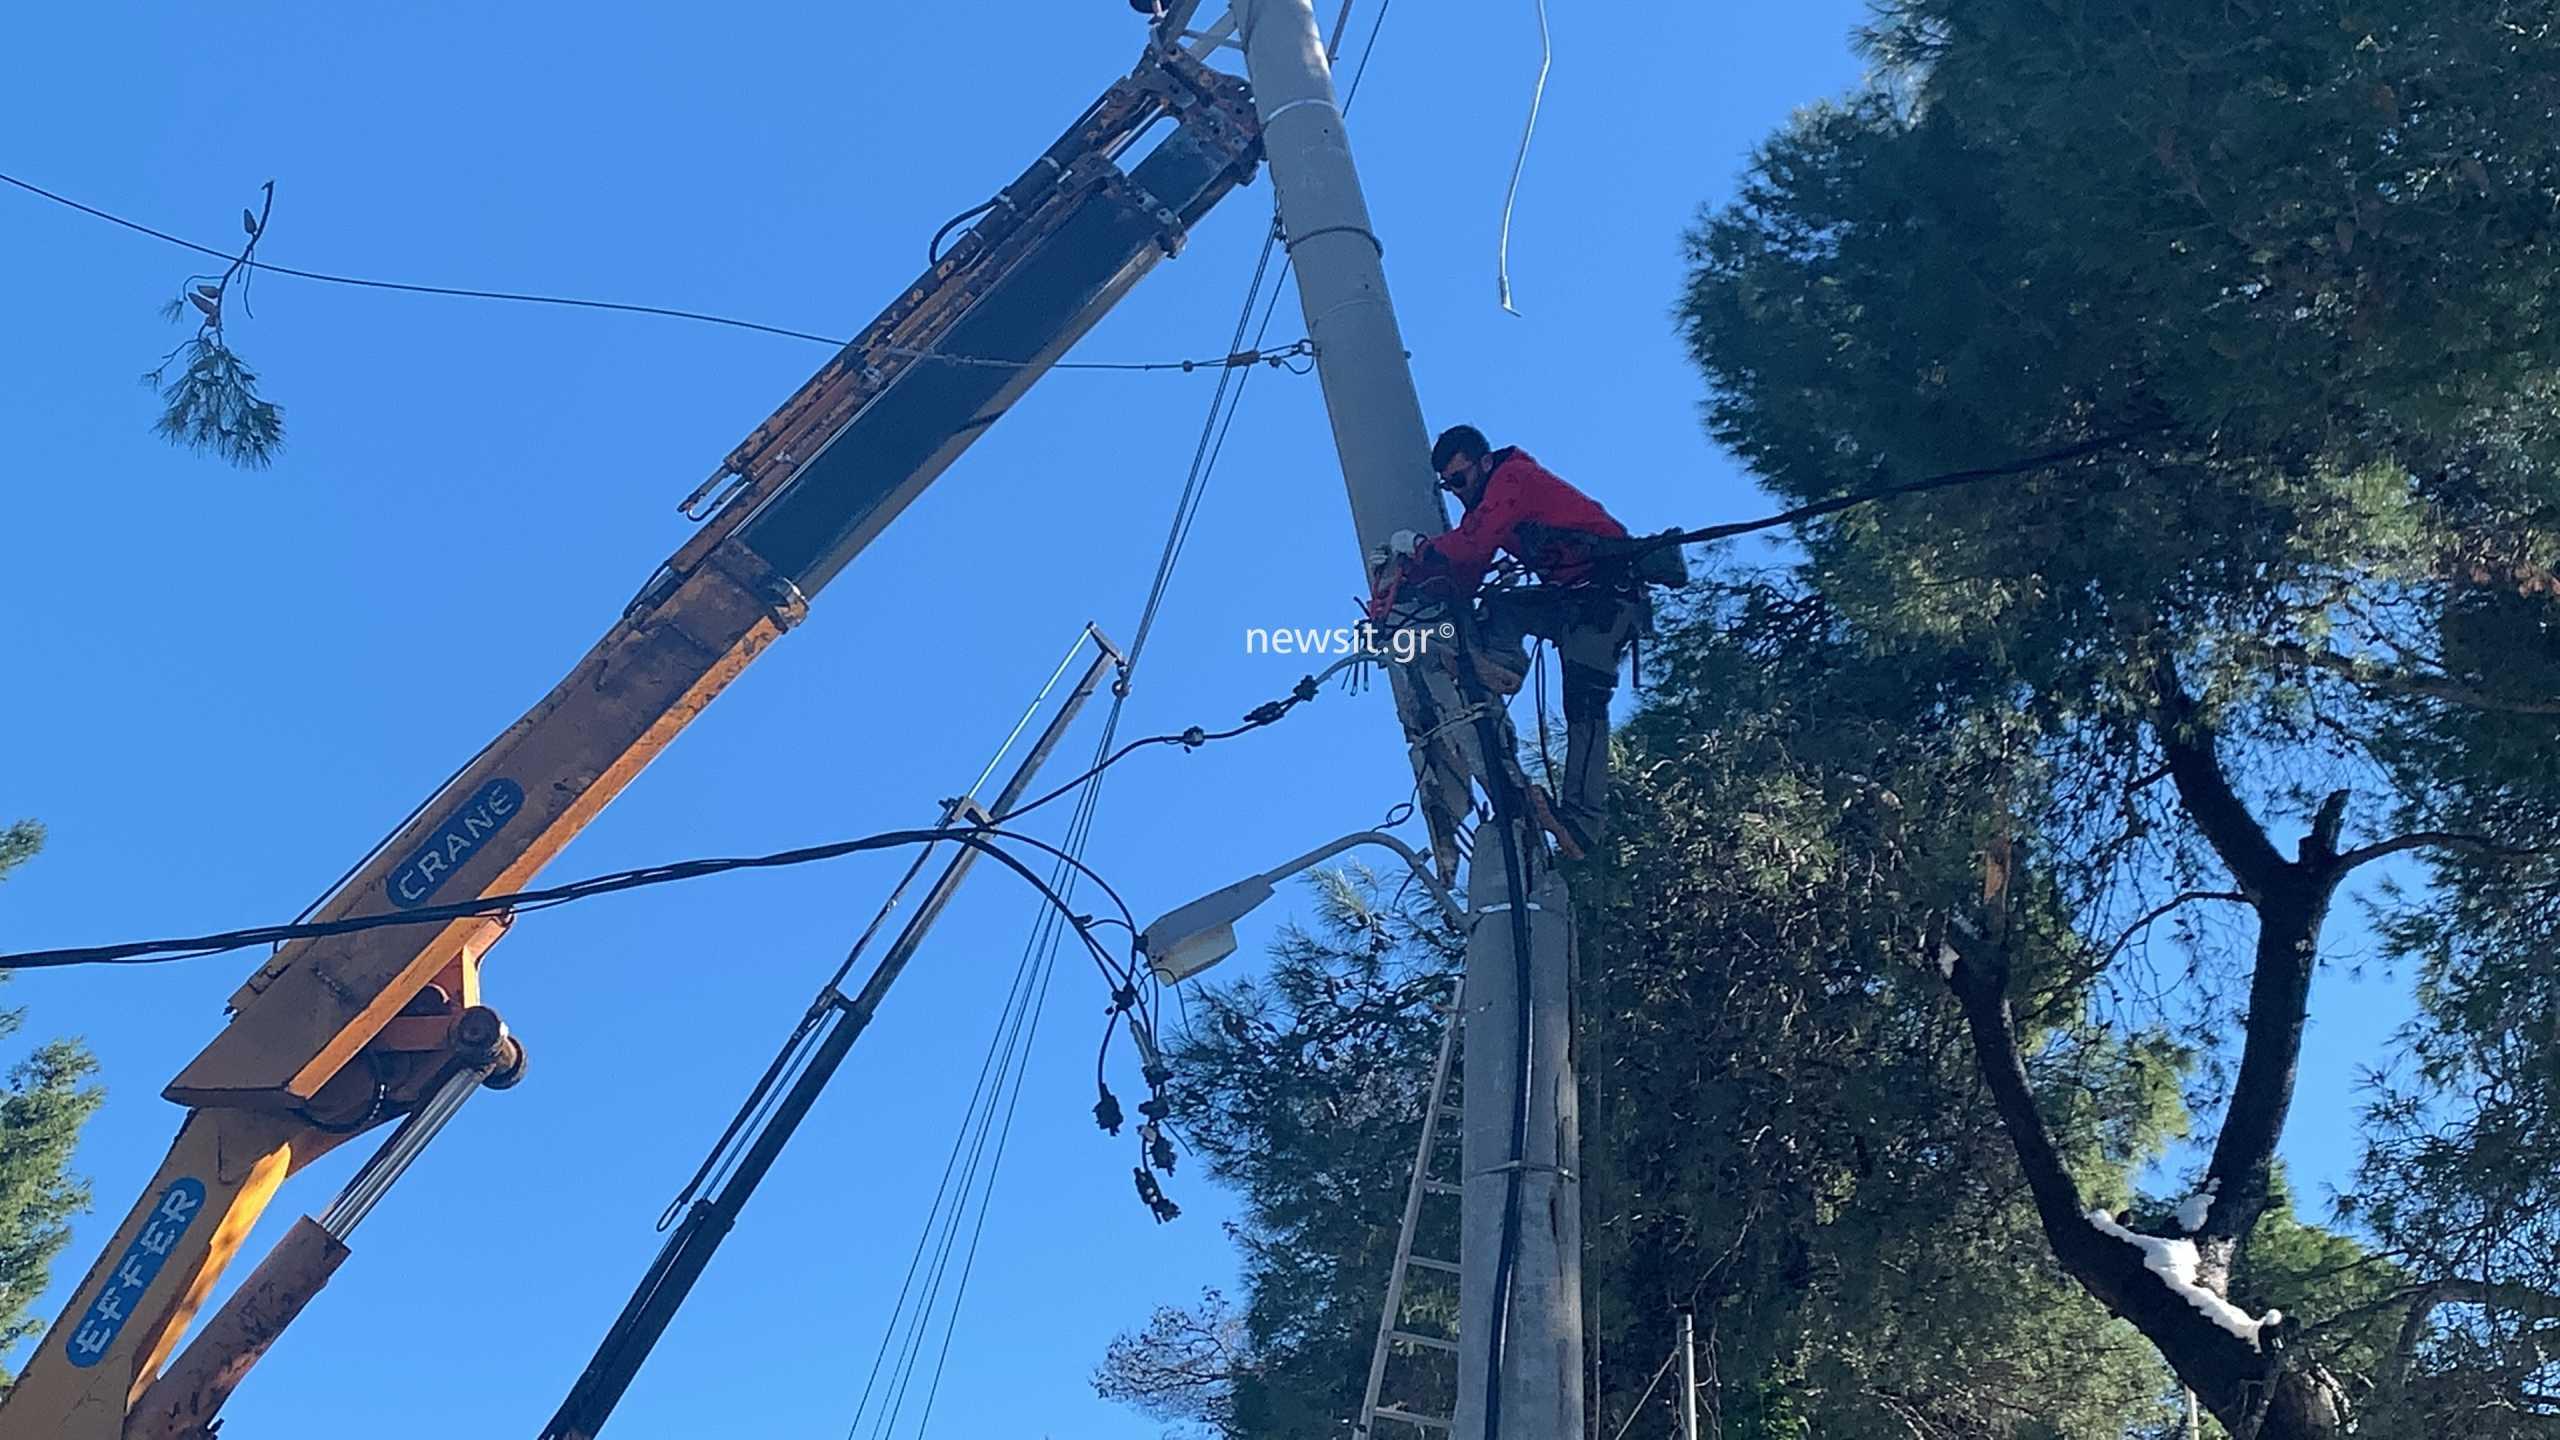 Απολογισμός σοκ από τον ΔΕΔΔΗΕ για την κακοκαιρία: 100.000 νοικοκυριά έμειναν χωρίς ρεύμα - 1.500 δέντρα έπεσαν στην Αττική